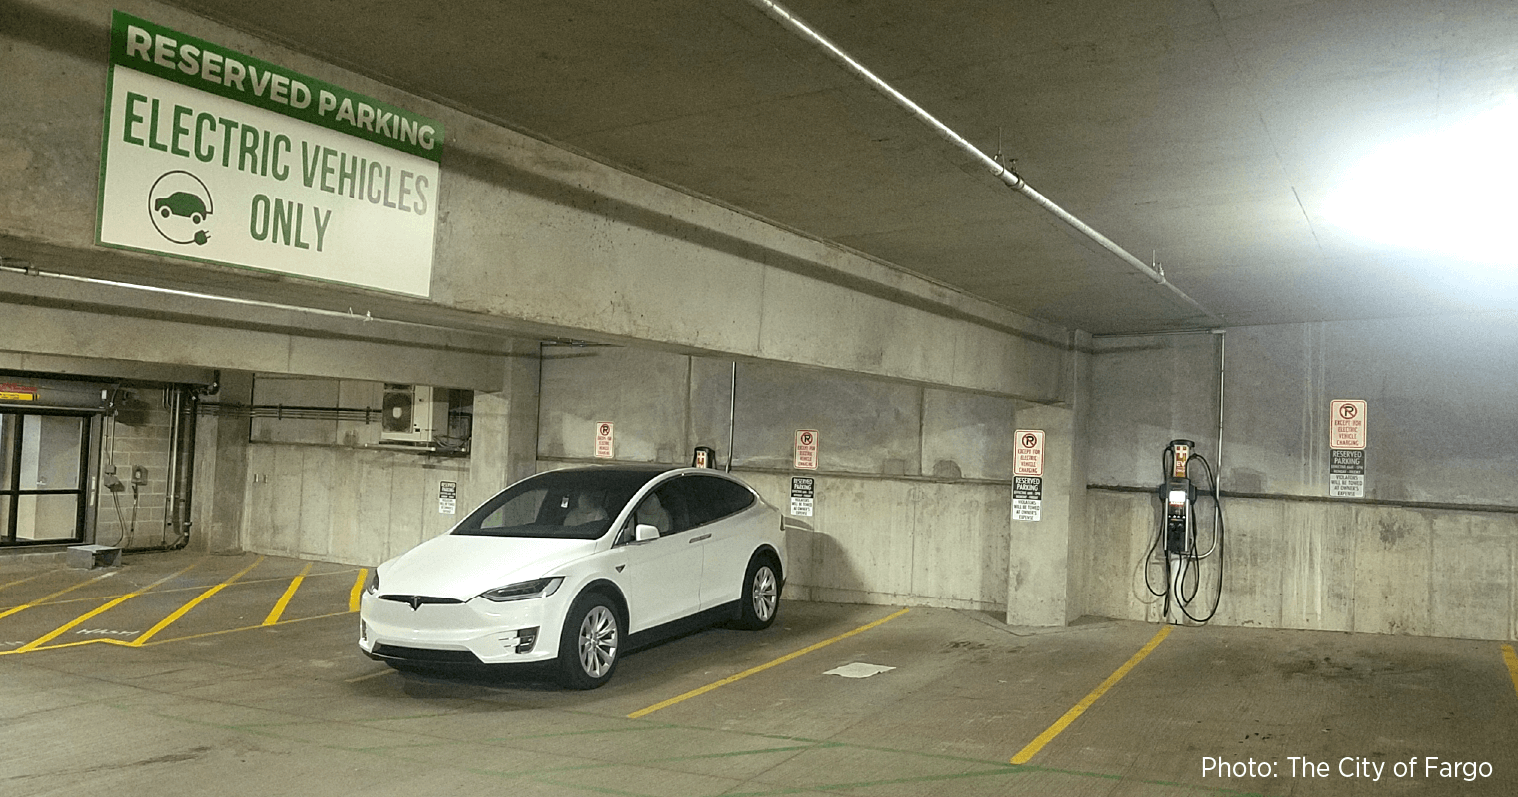 Car charging at Roberts Commons, Fargo, North Dakota